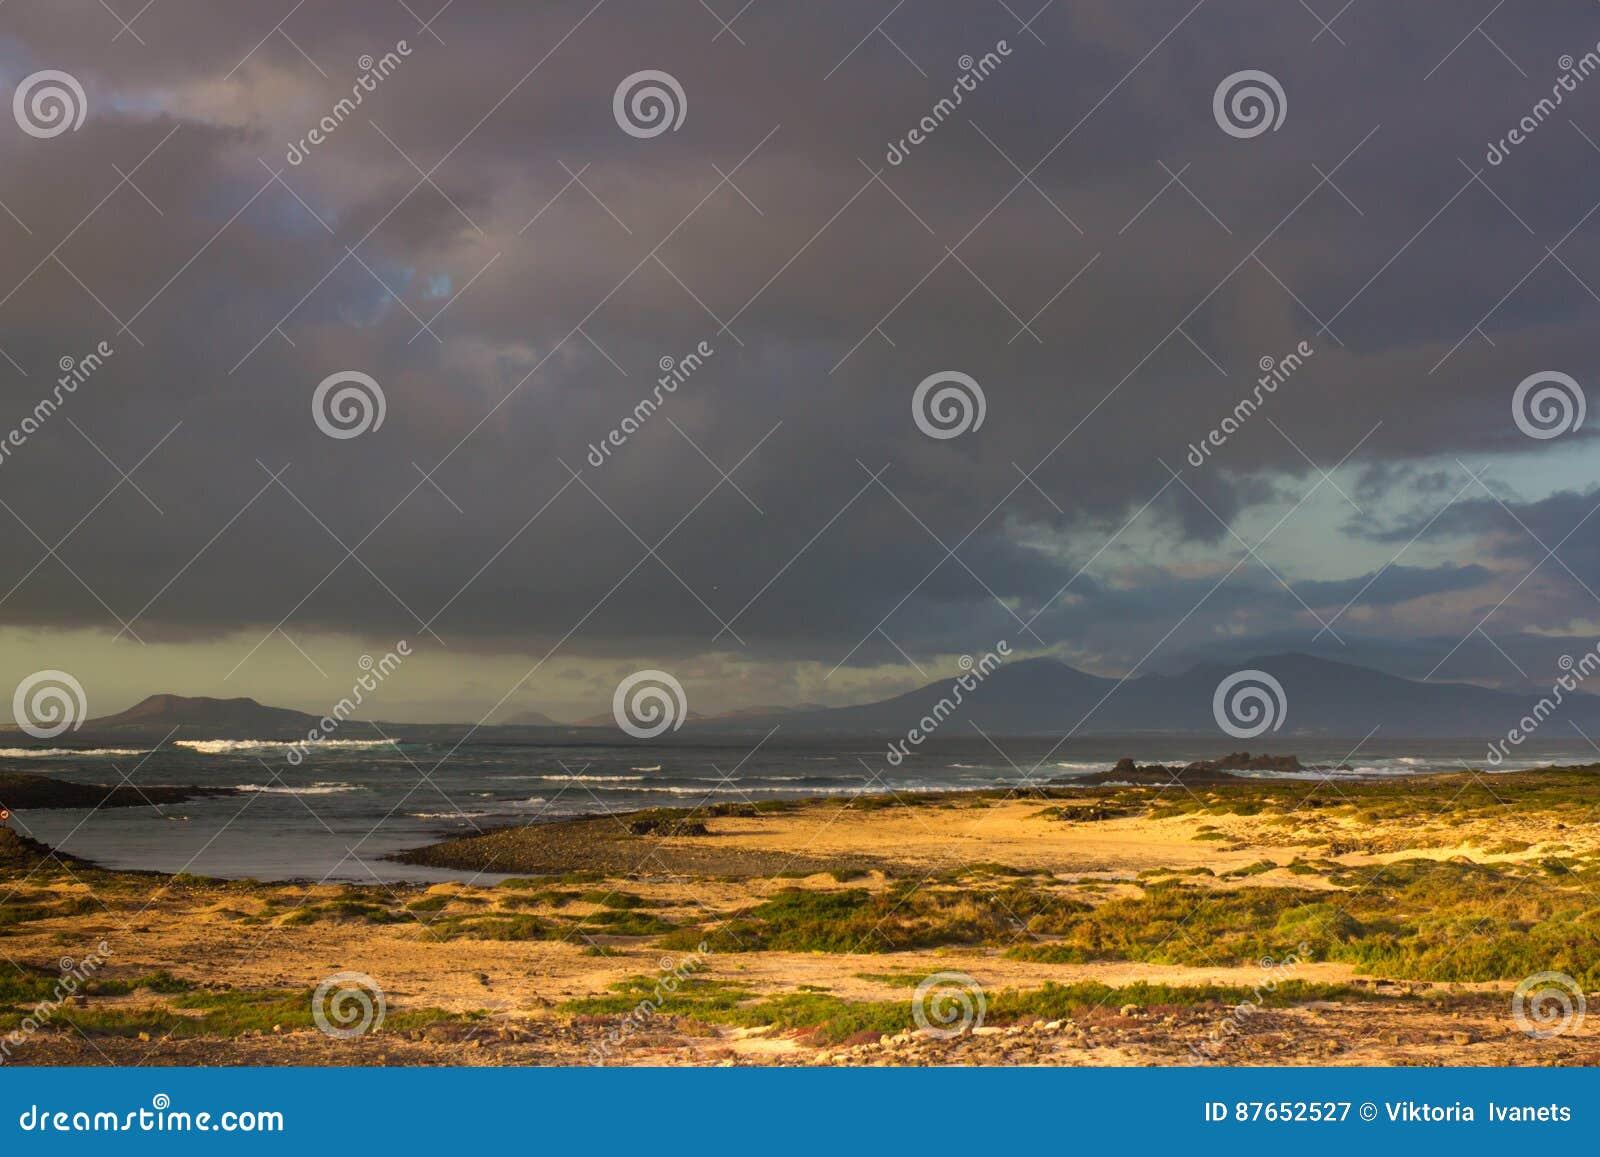 Mappa dell 39 isola di lanzarote che si apre all 39 isola dei lobos spagna fotografia stock - Finestra che si apre ...